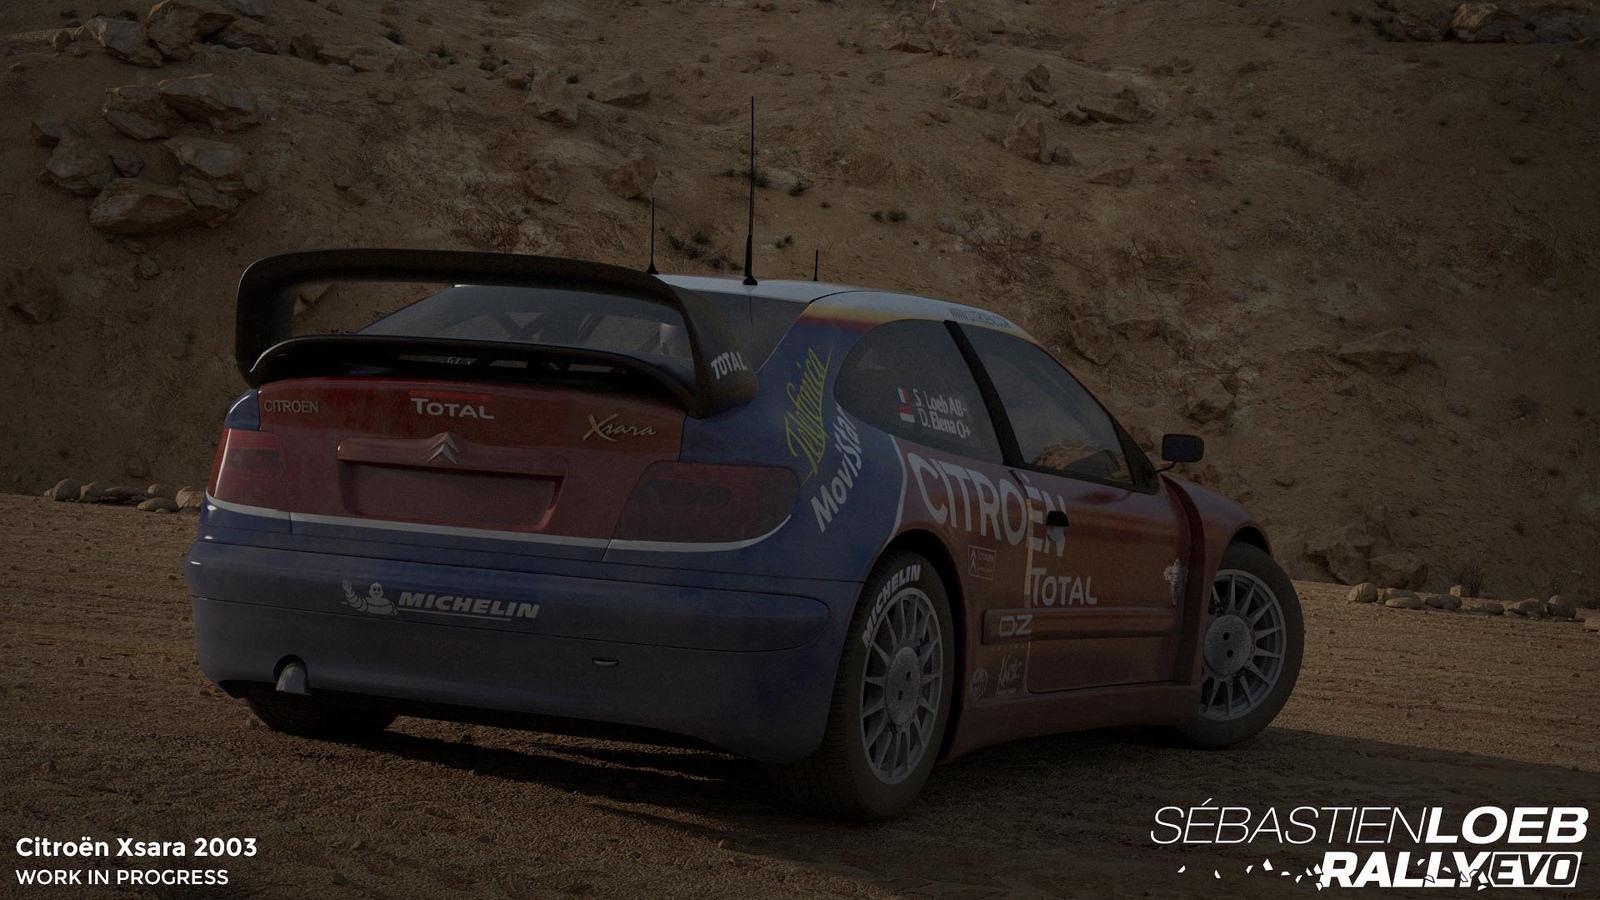 Vozy značky Citroën v závodech Sebastien Loeb Rally Evo 110722